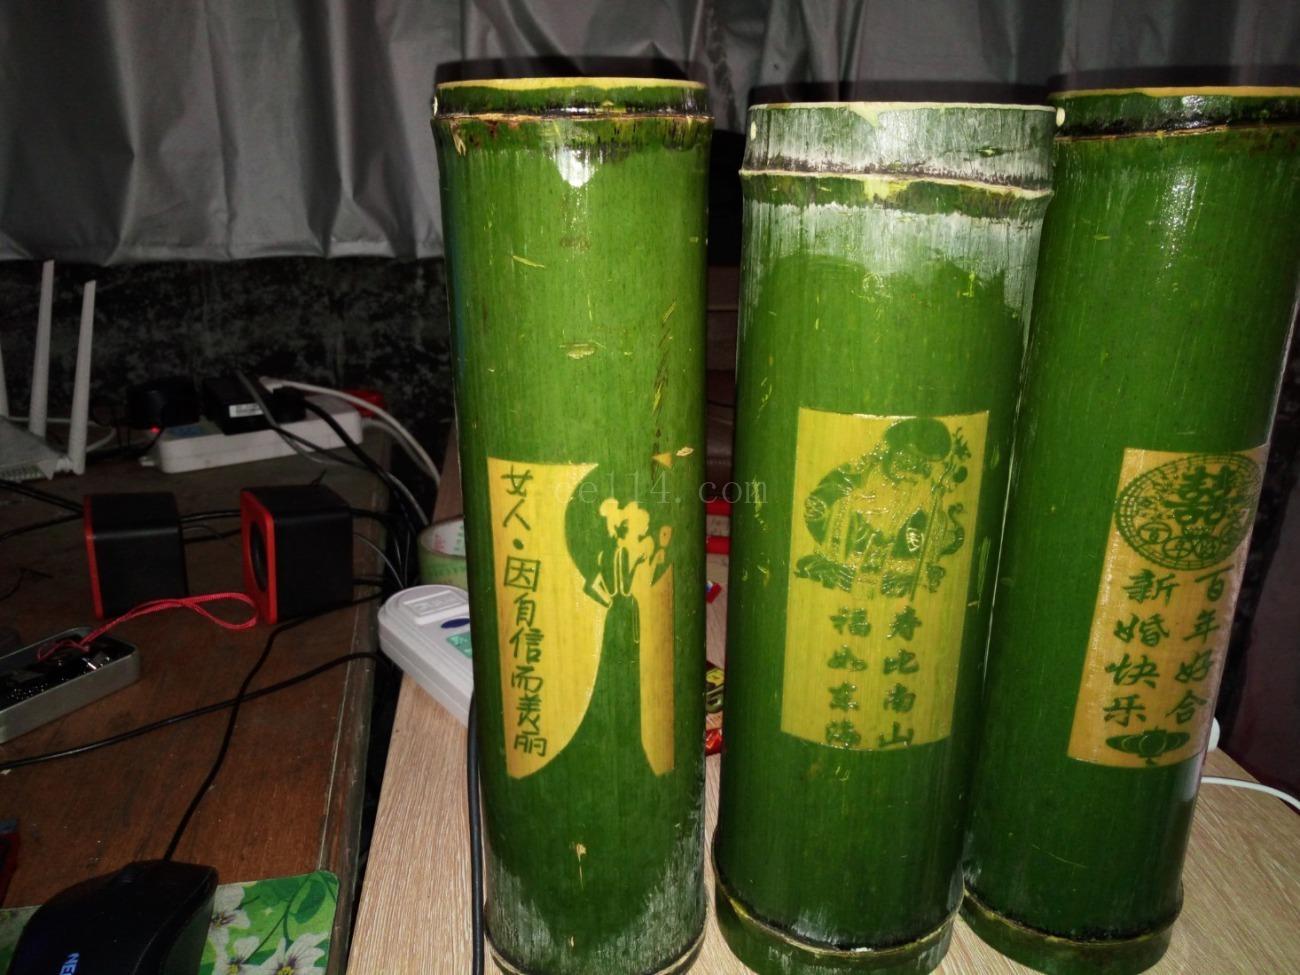 青竹子酒500毫升礼盒装